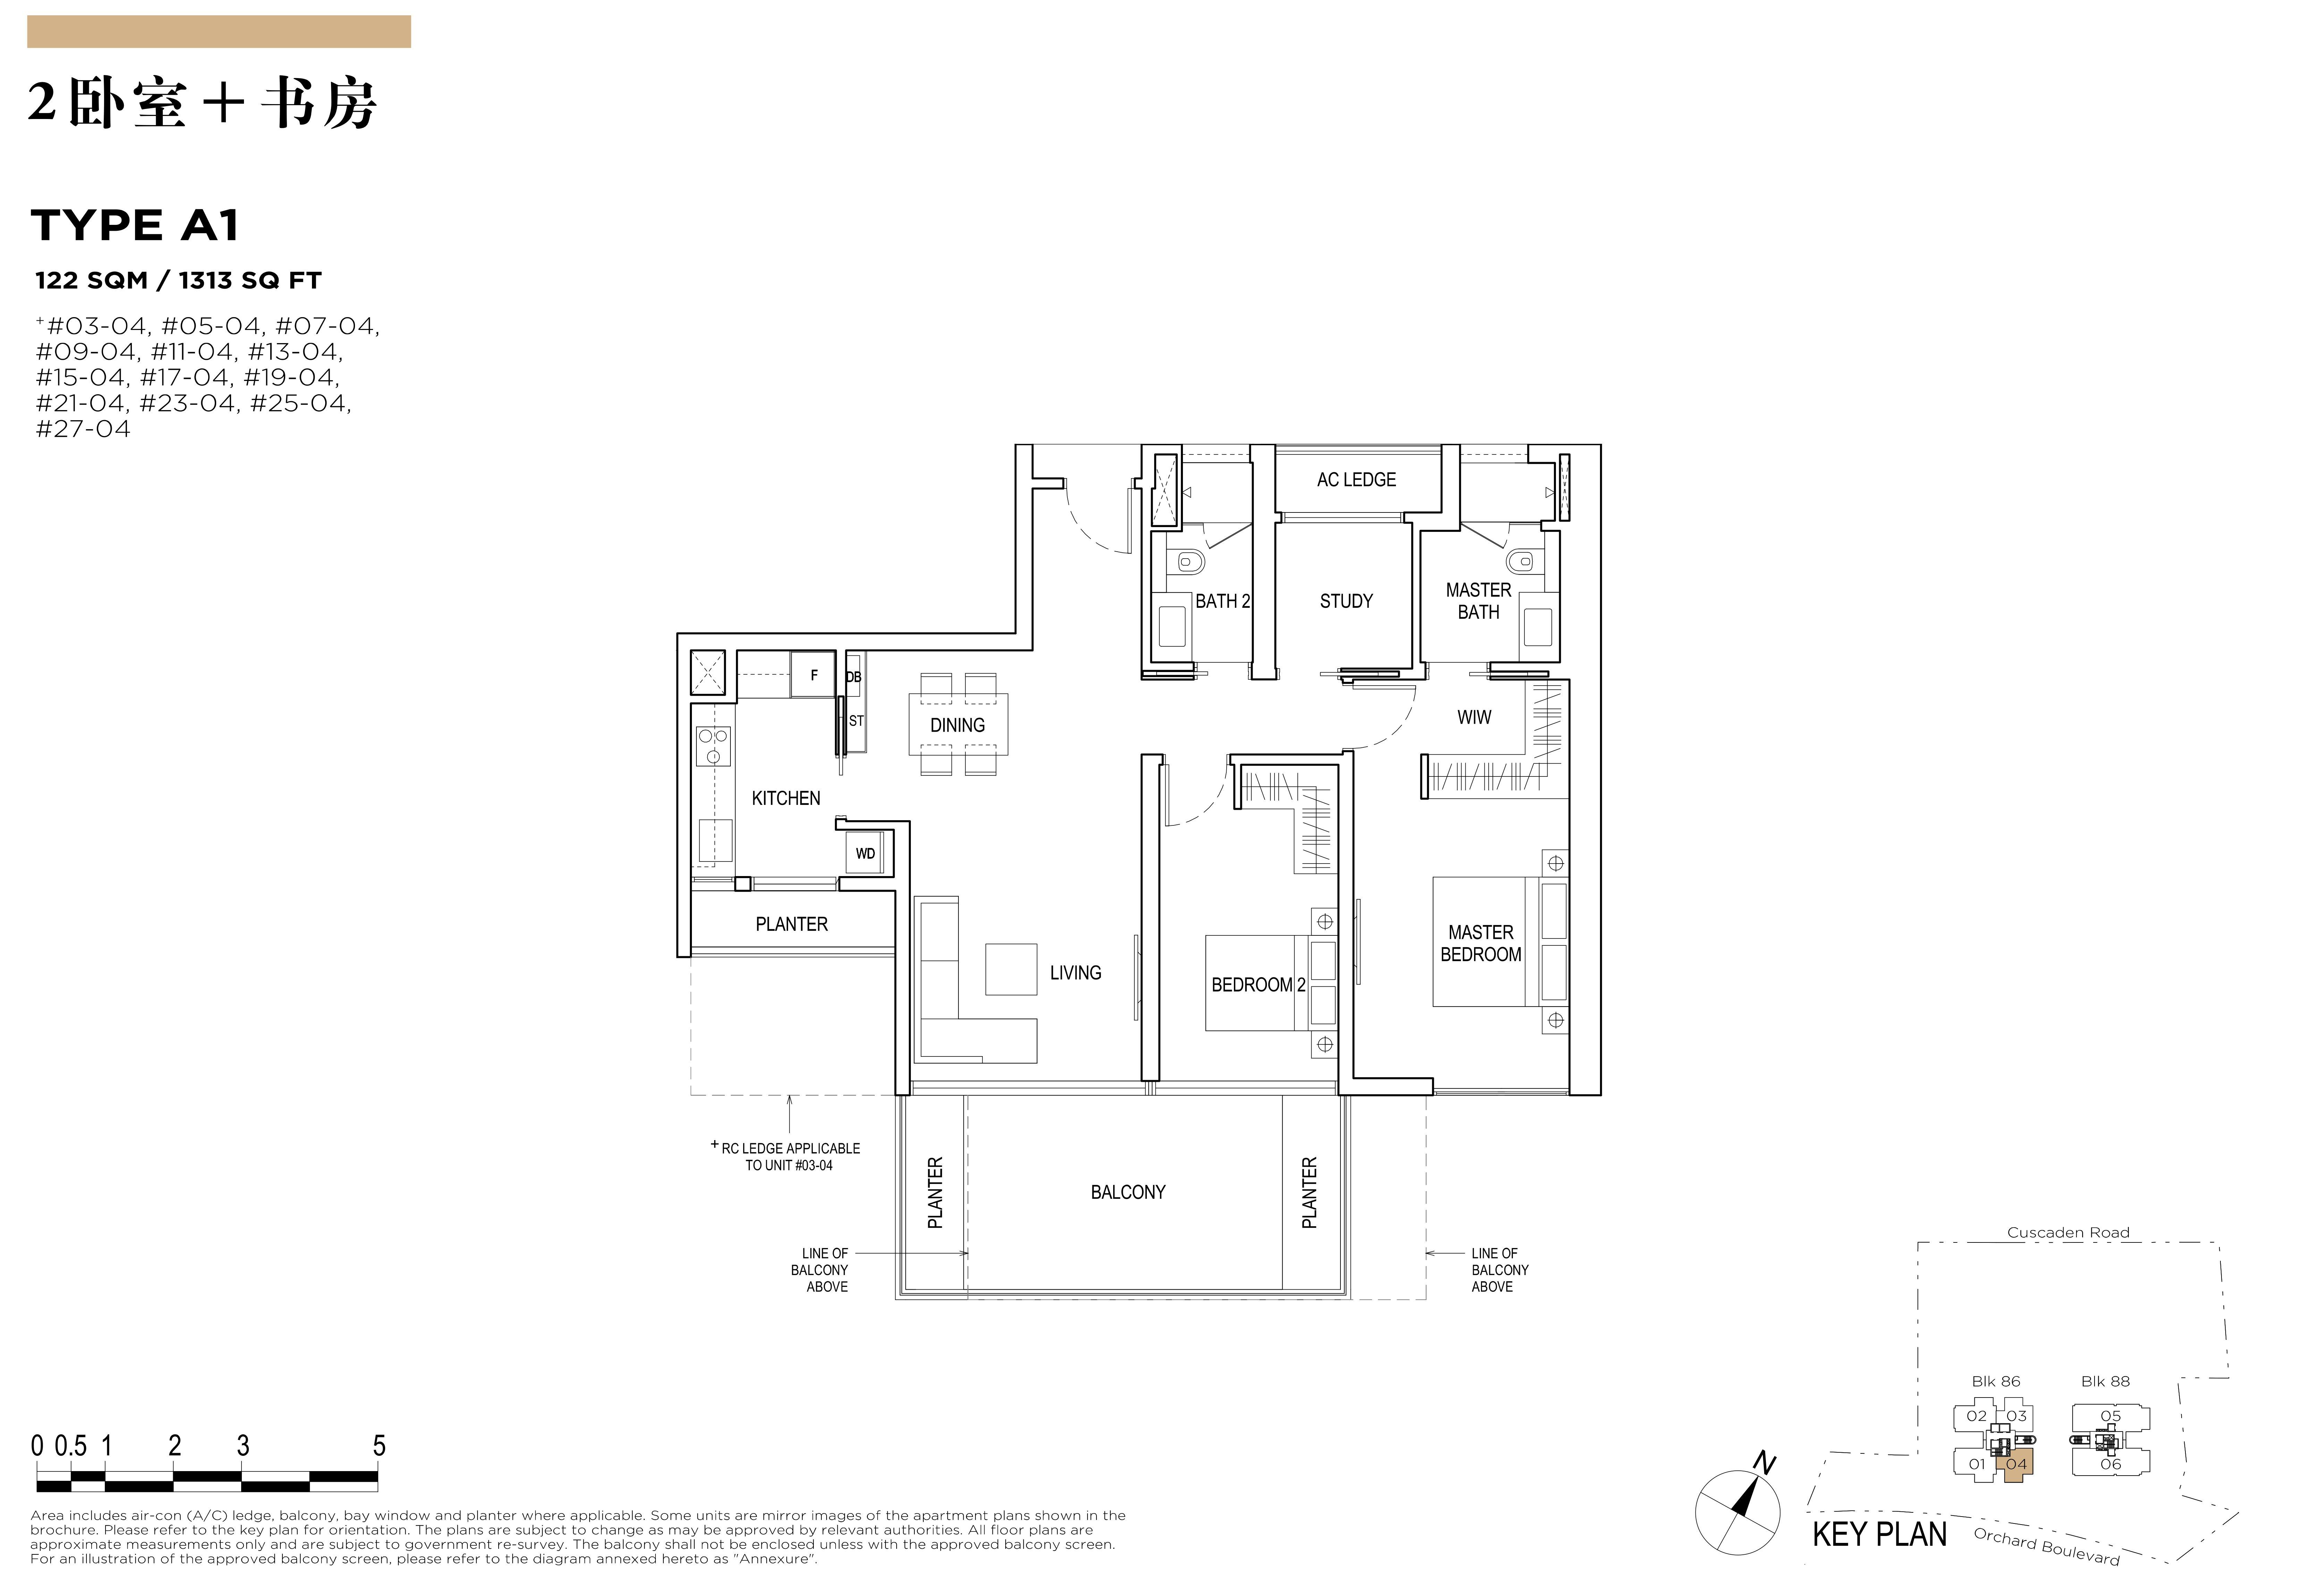 铂瑞雅居 Boulevard 88 floor plan 2 卧房+书房 a1